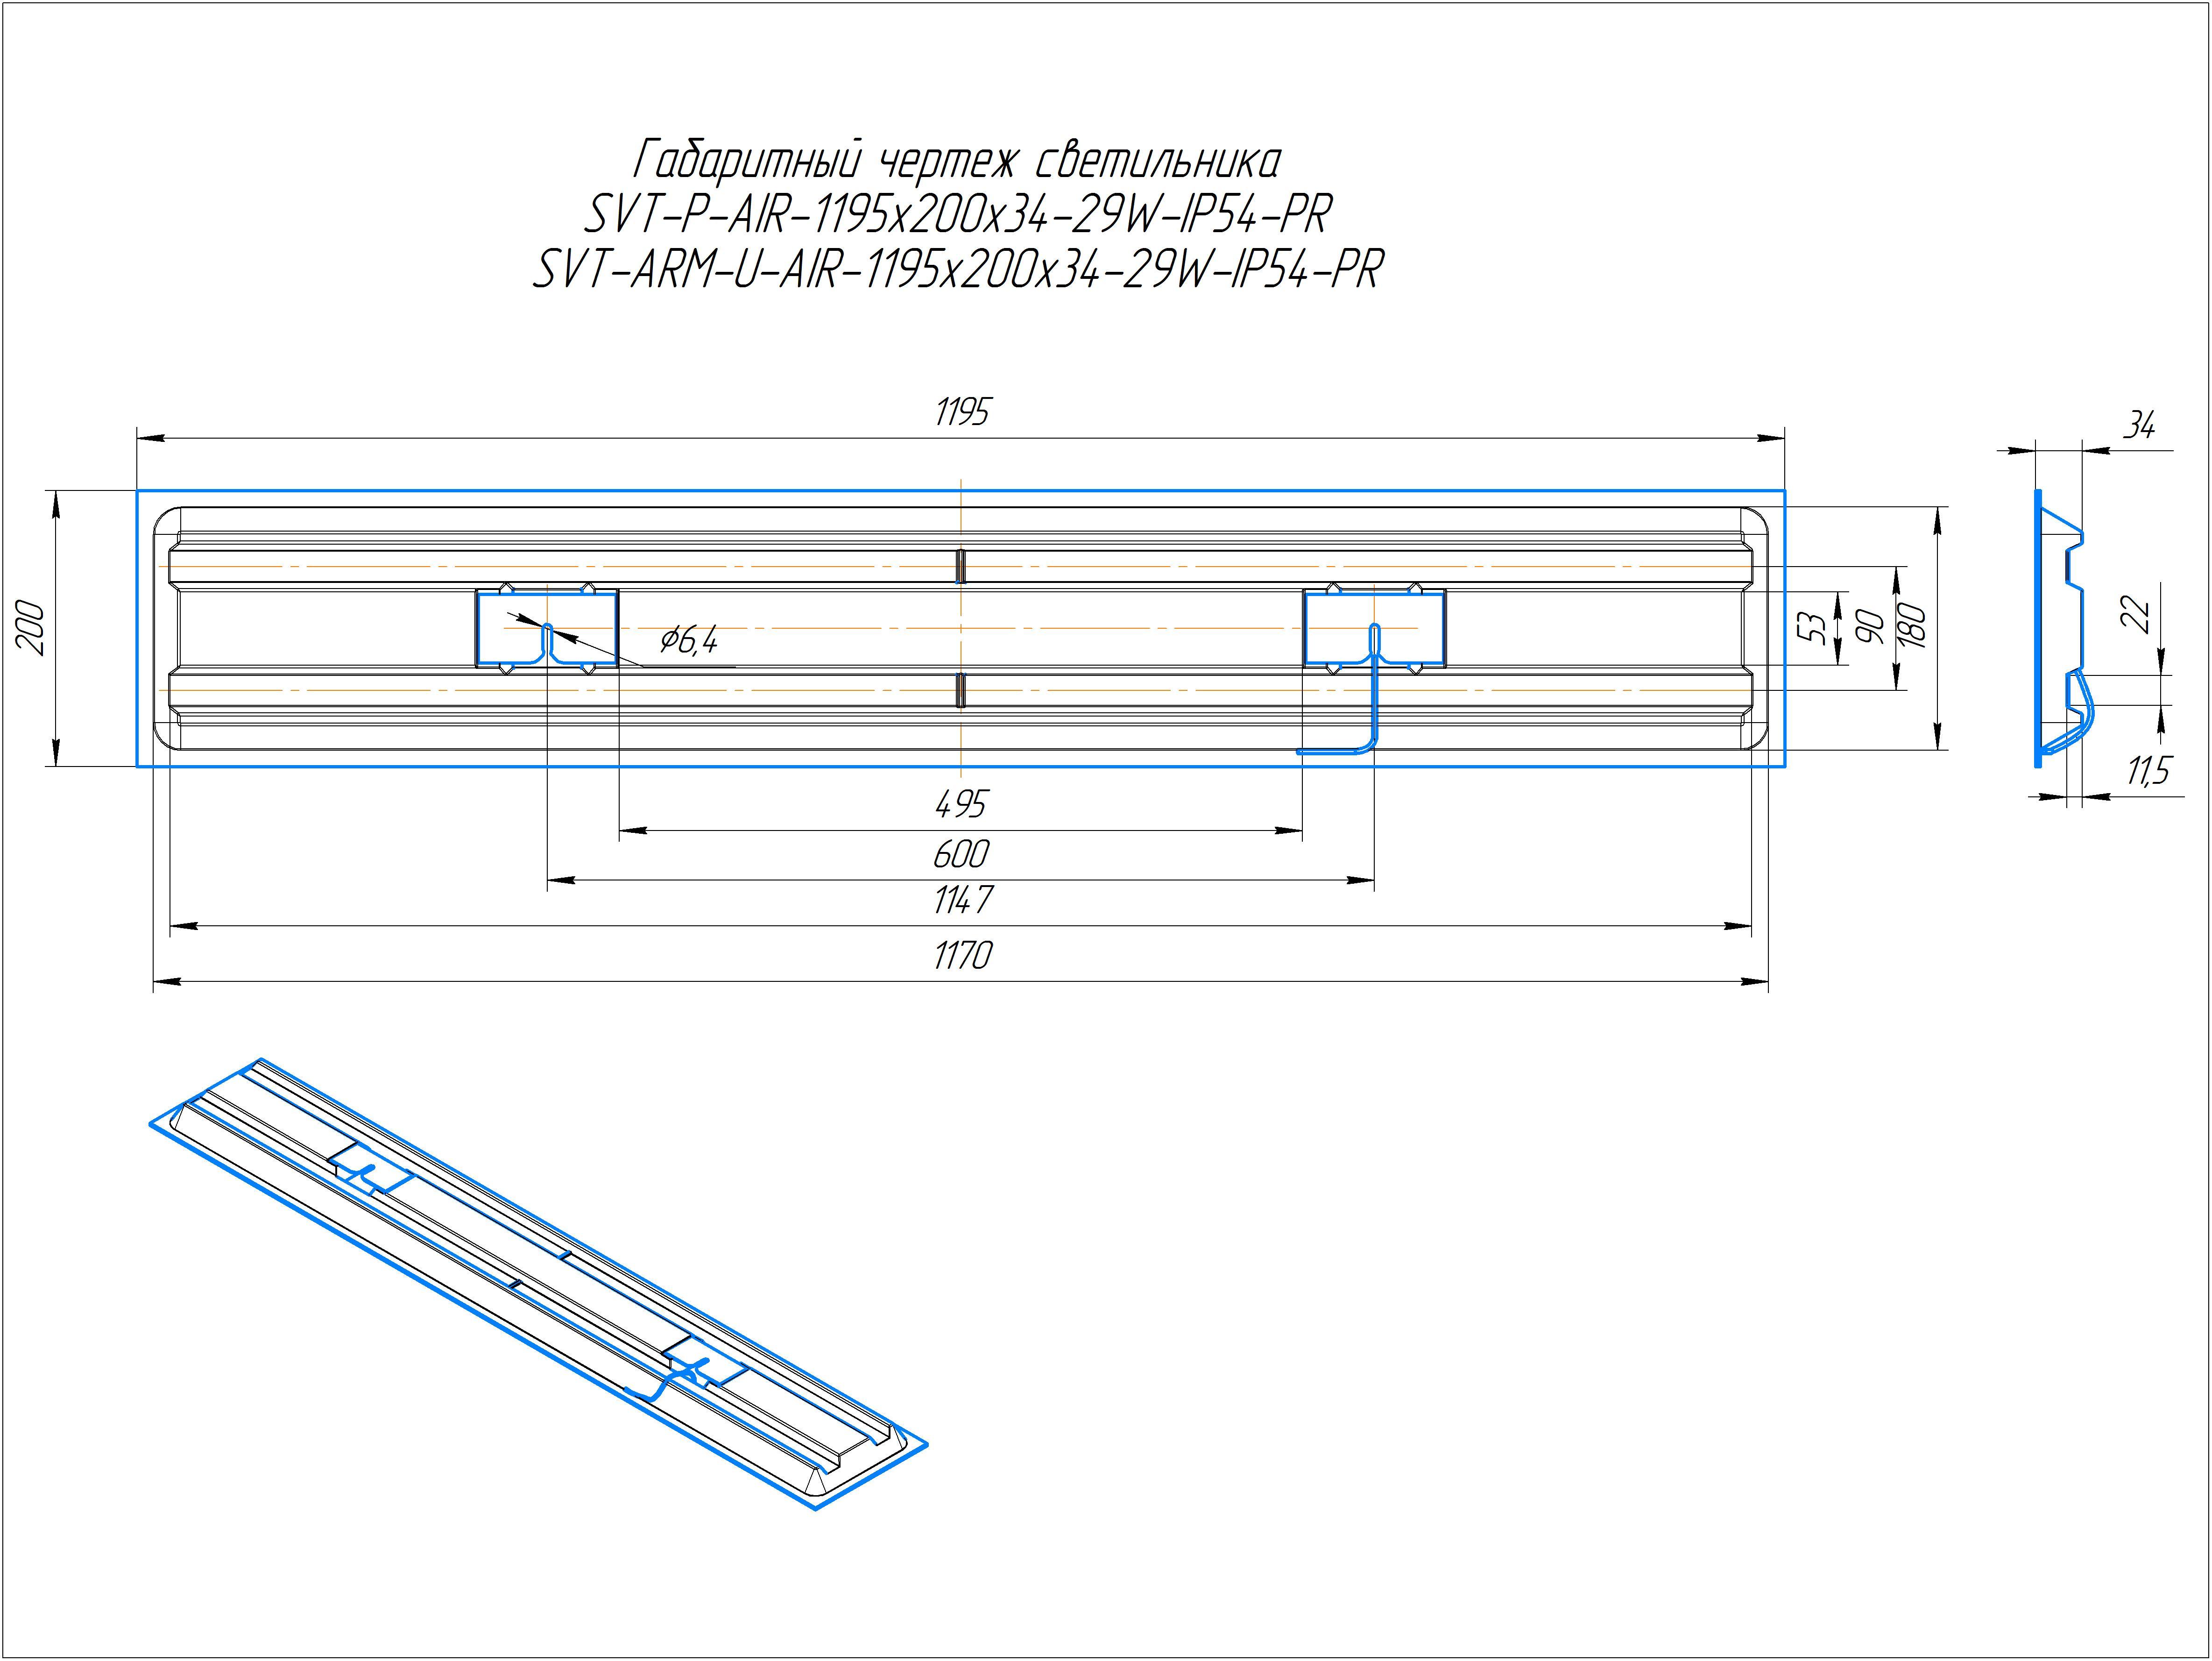 Светодиодный светильник армстронг SVT-ARM-U-AIR-1195x200x34-29Вт-IP54-PR